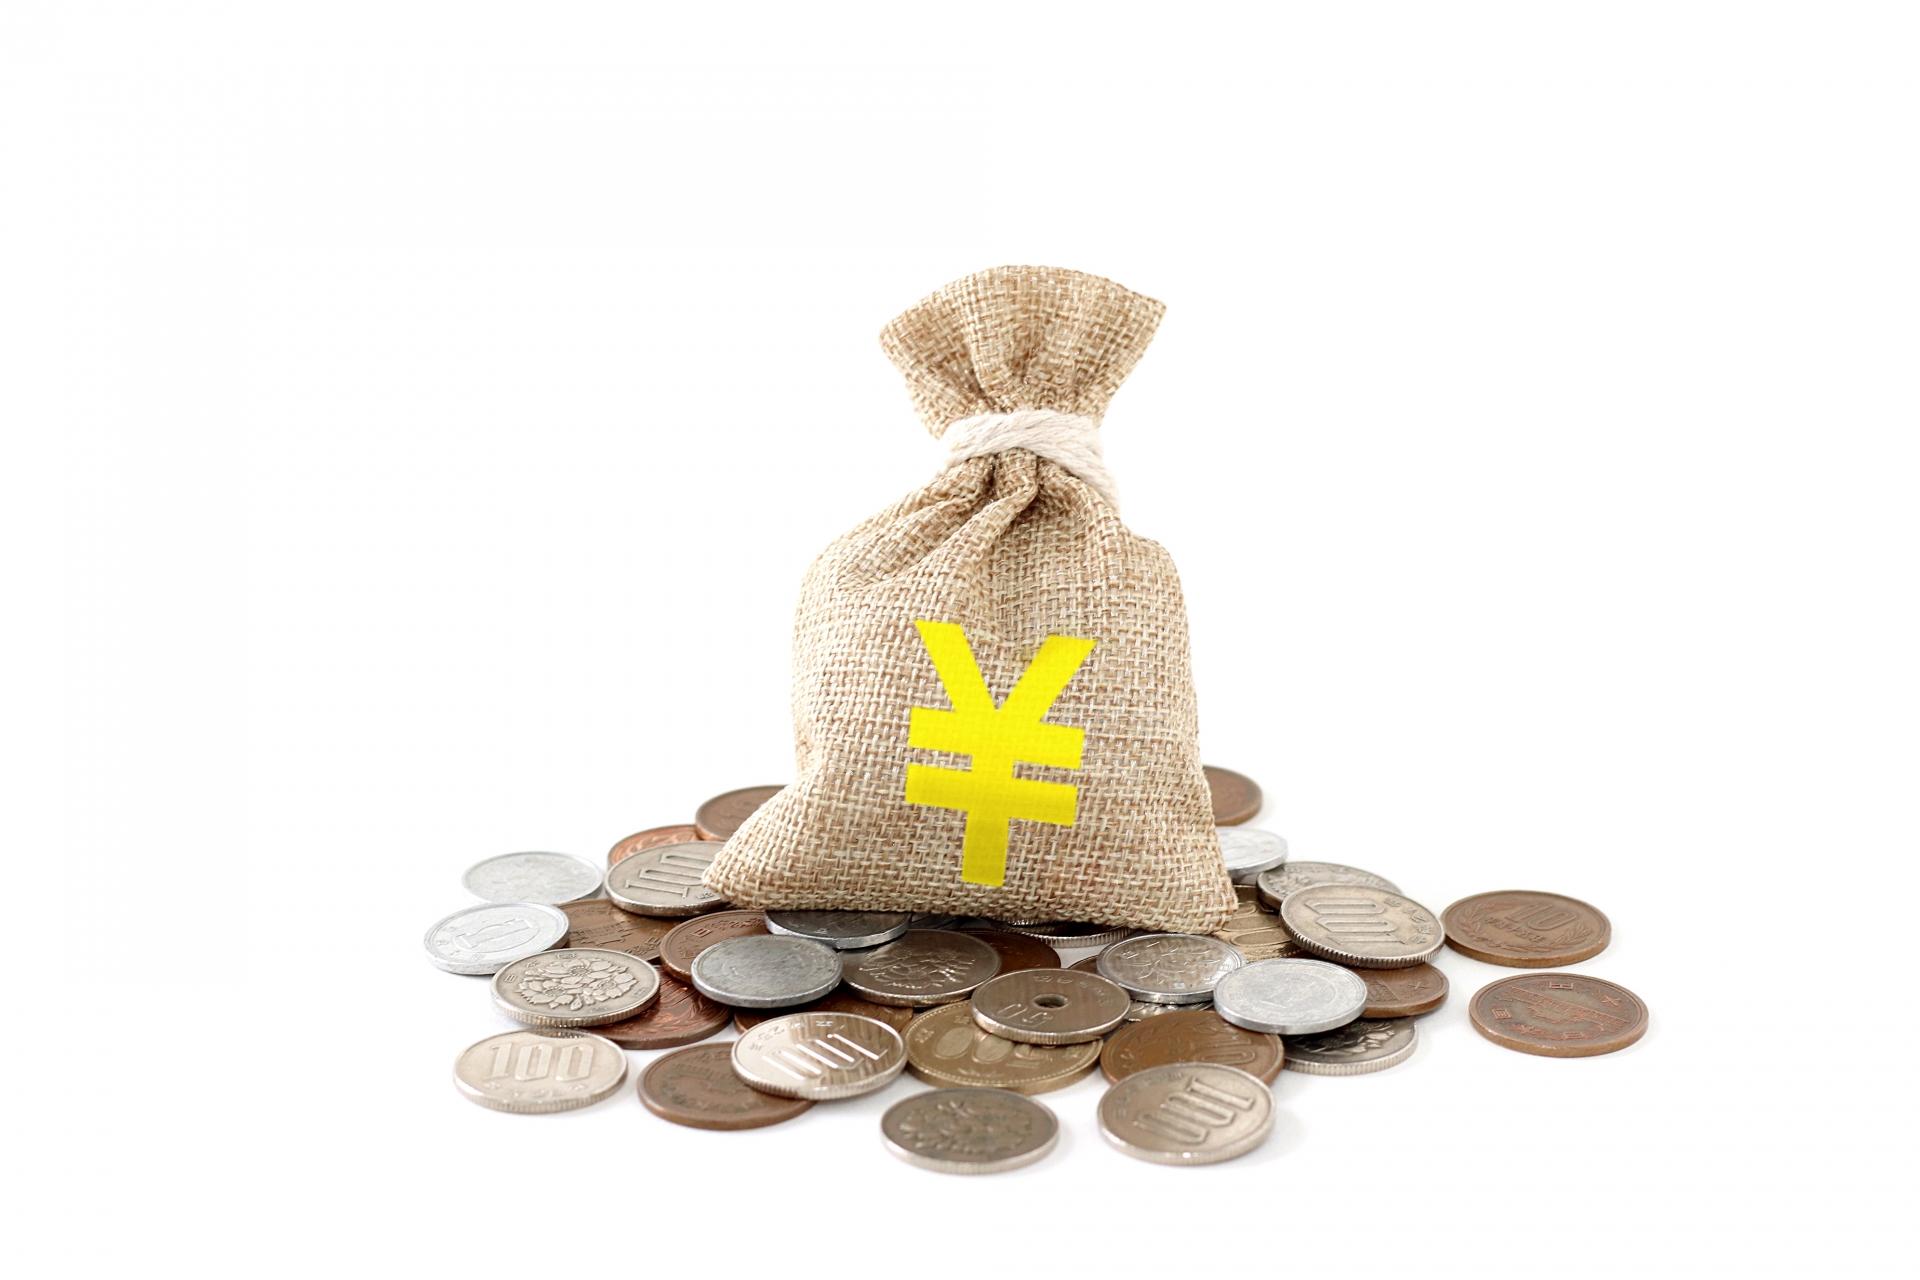 ハイパーインフレ・預金封鎖・デノミネーション。日本もそうなる可能性はある?